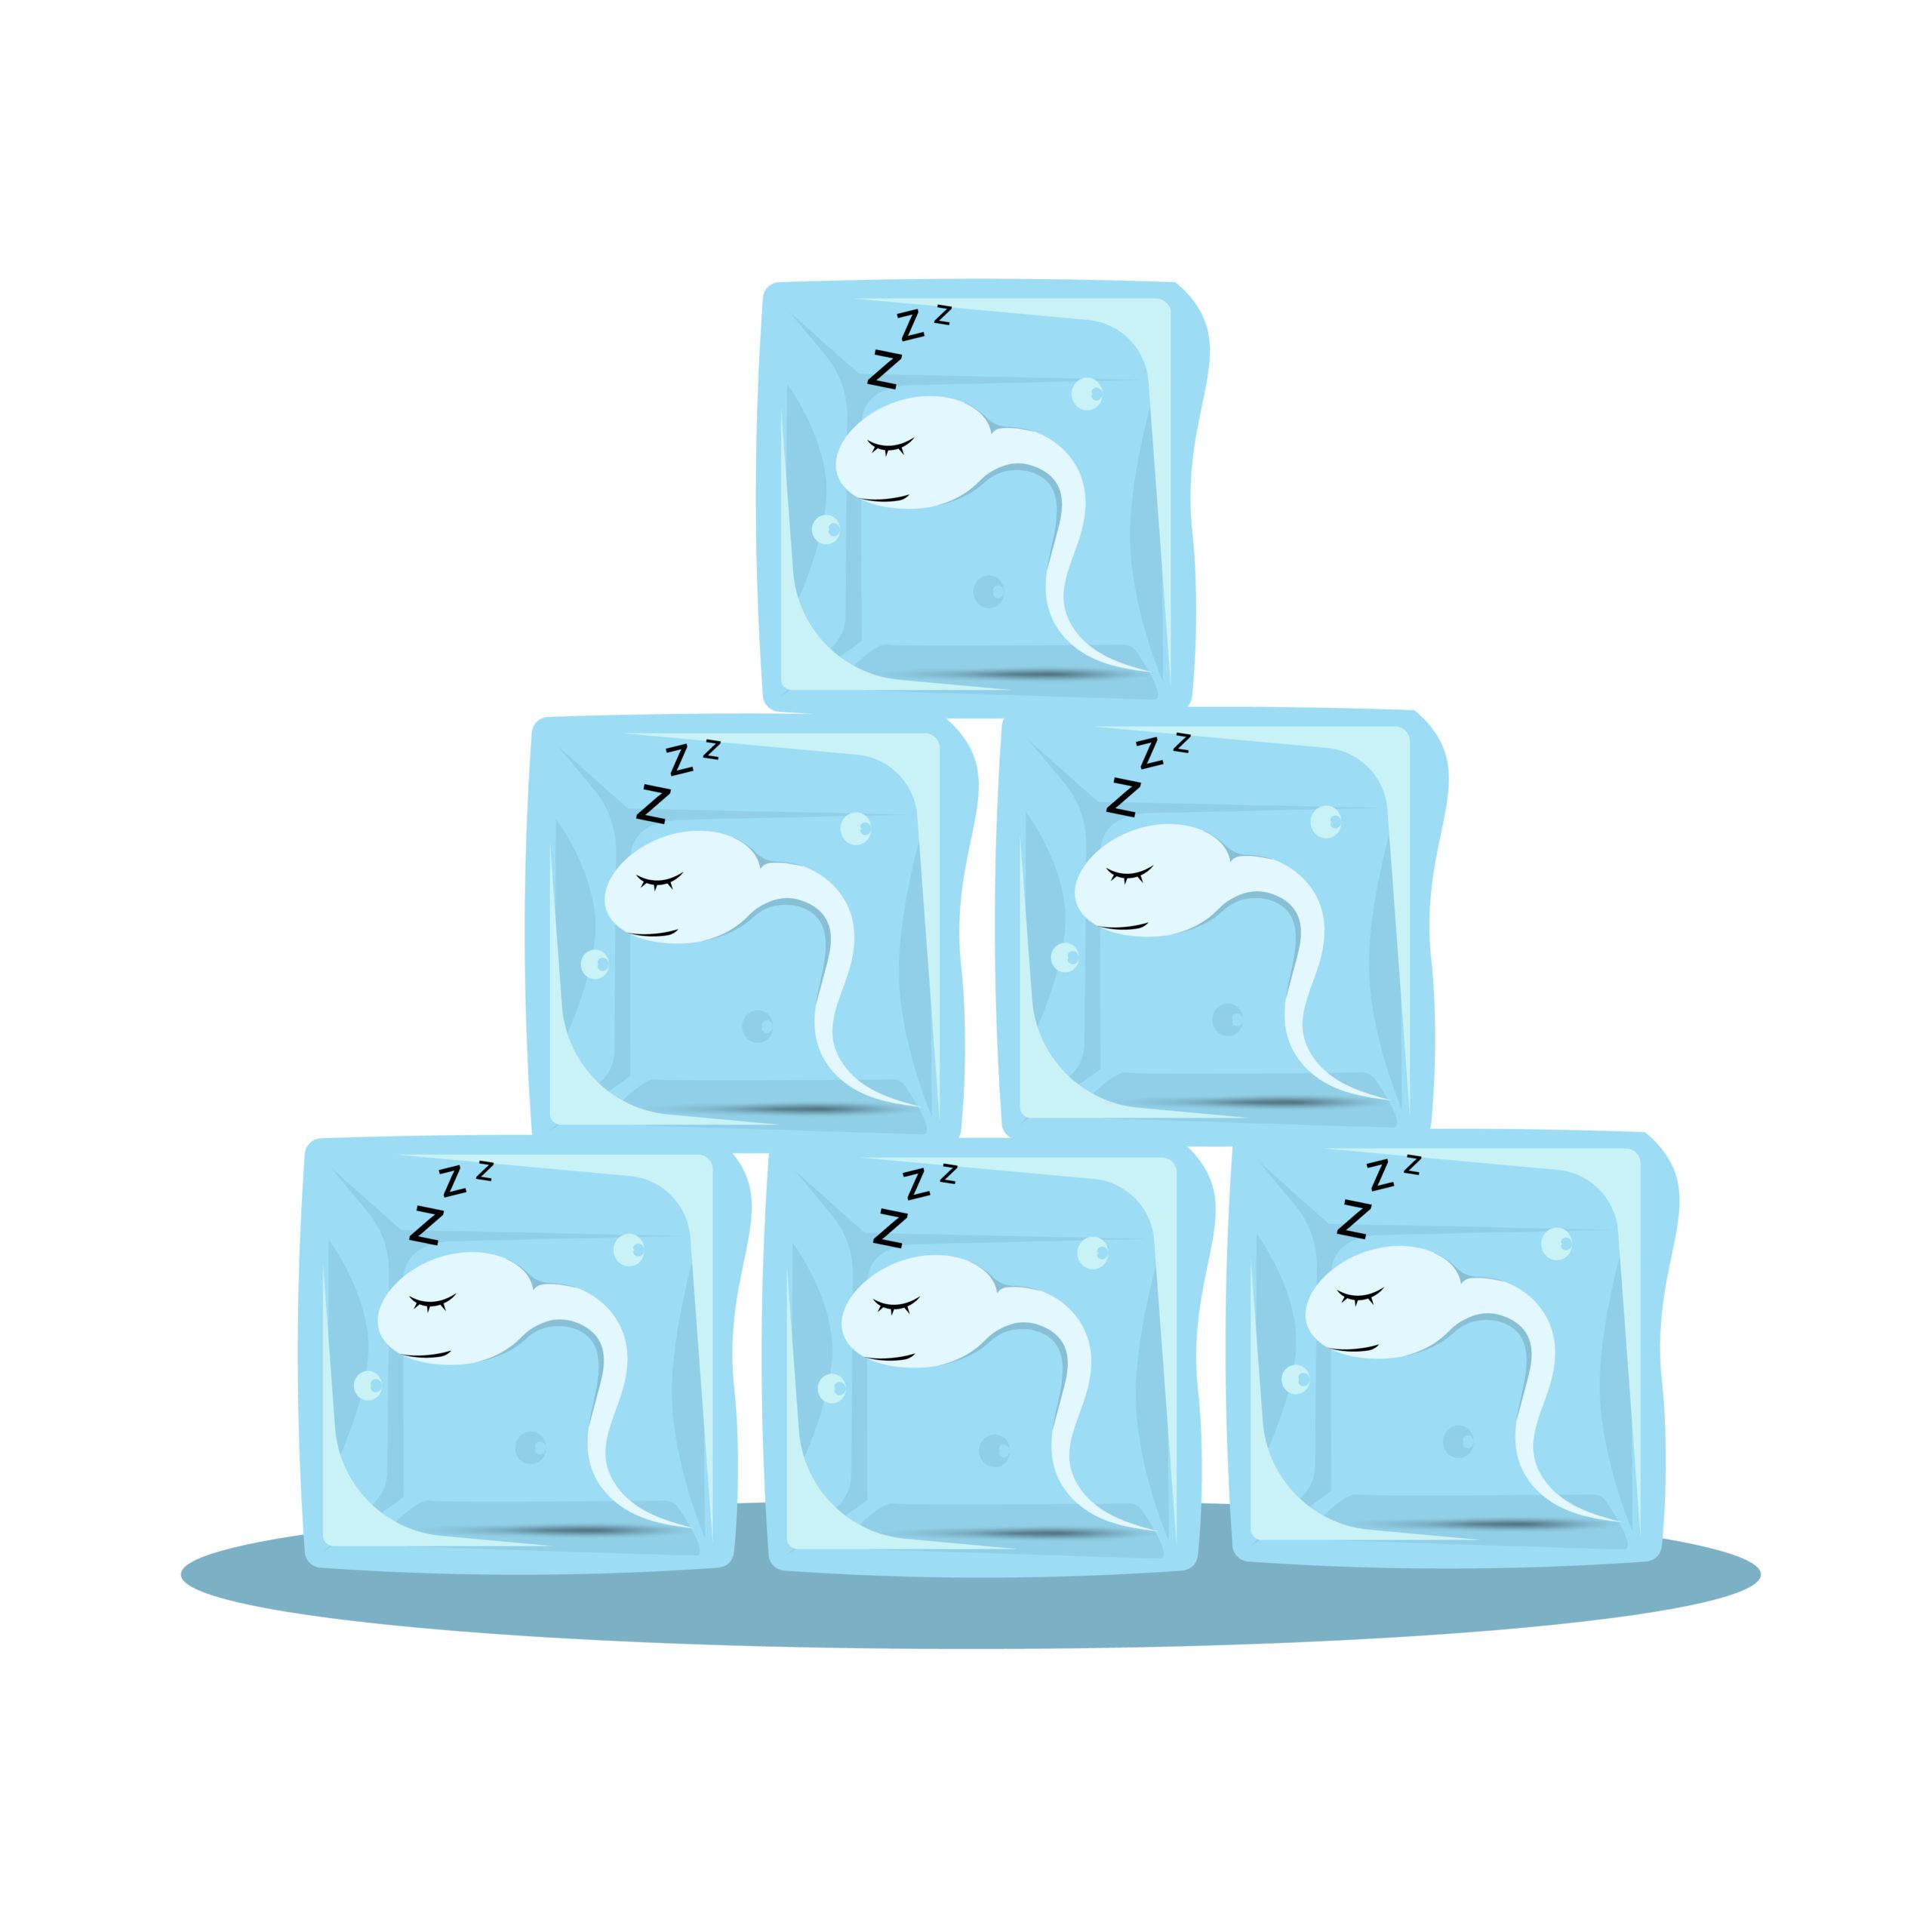 AskHQ: Benefits of frozen semen